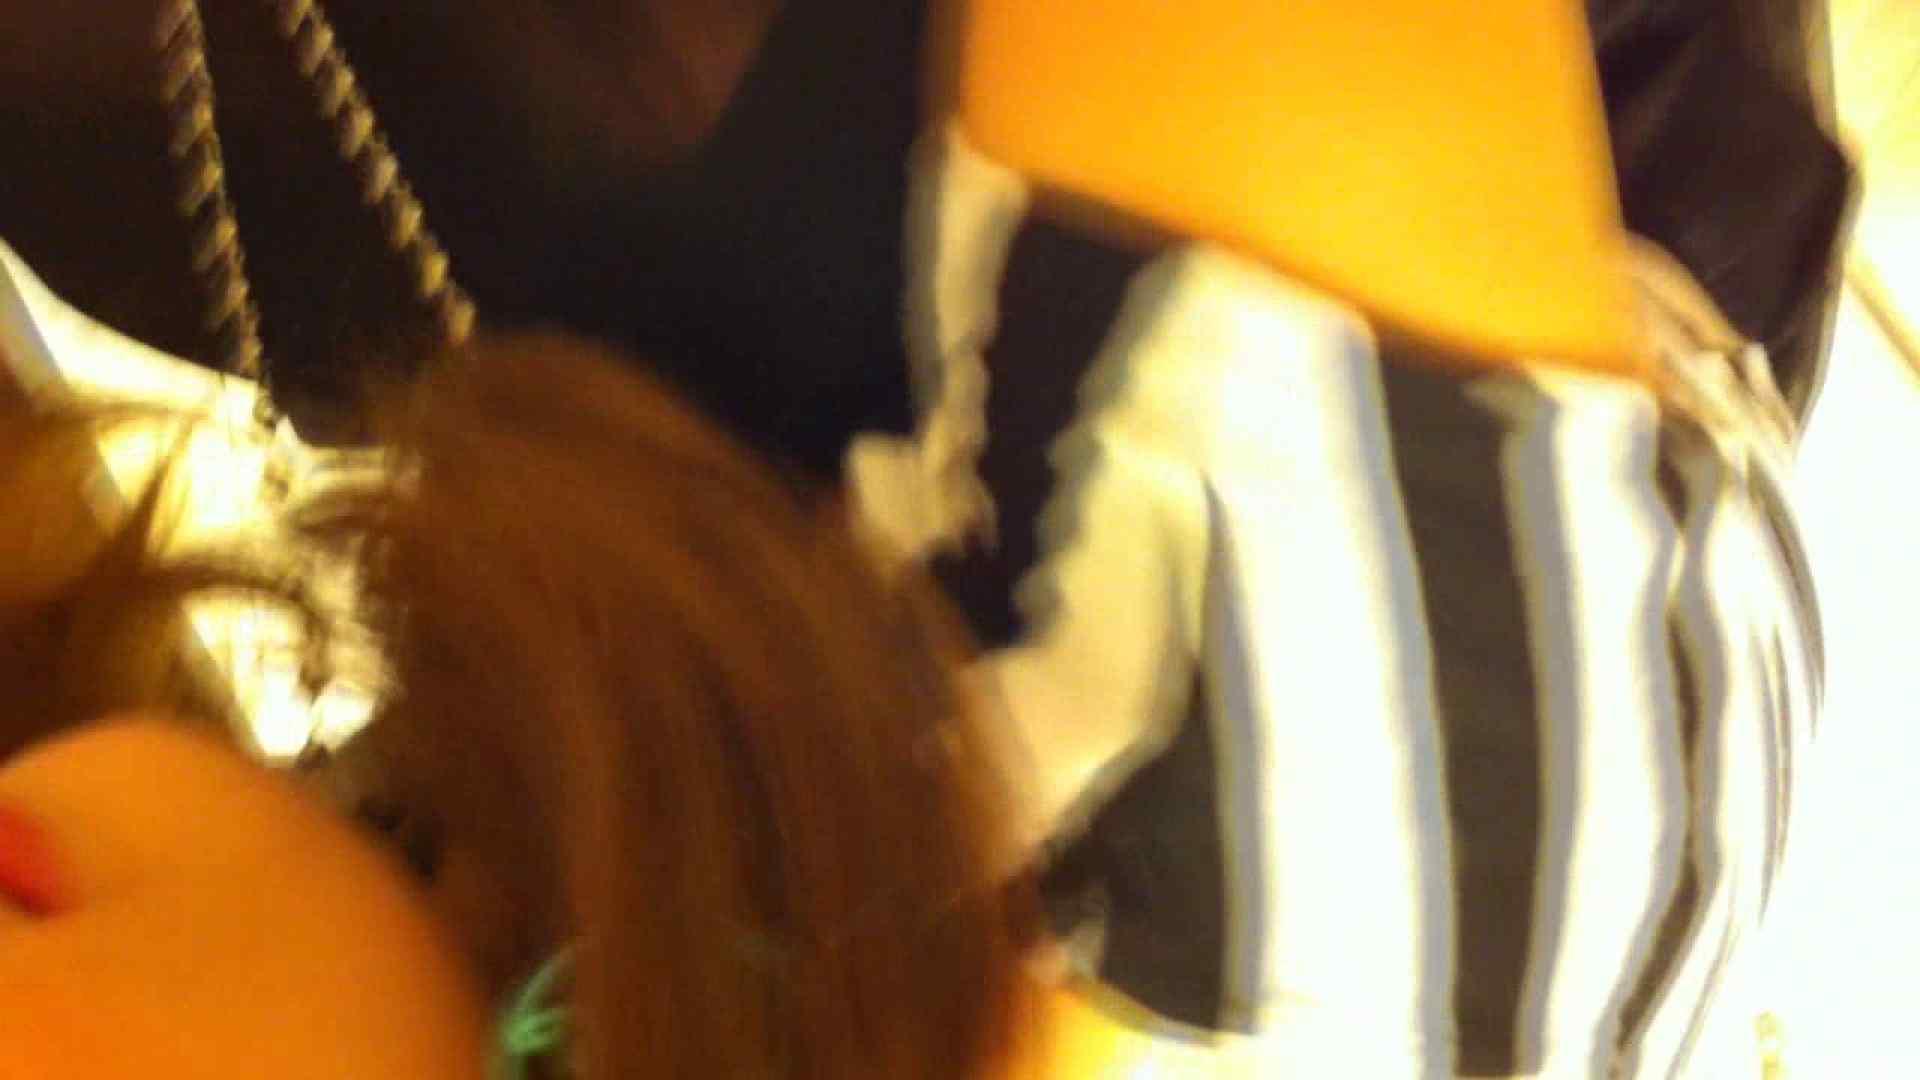 フルHD ショップ店員千人斬り! 大画面ノーカット完全版 vol.39 ギャルのエロ動画 オマンコ無修正動画無料 102PIX 30